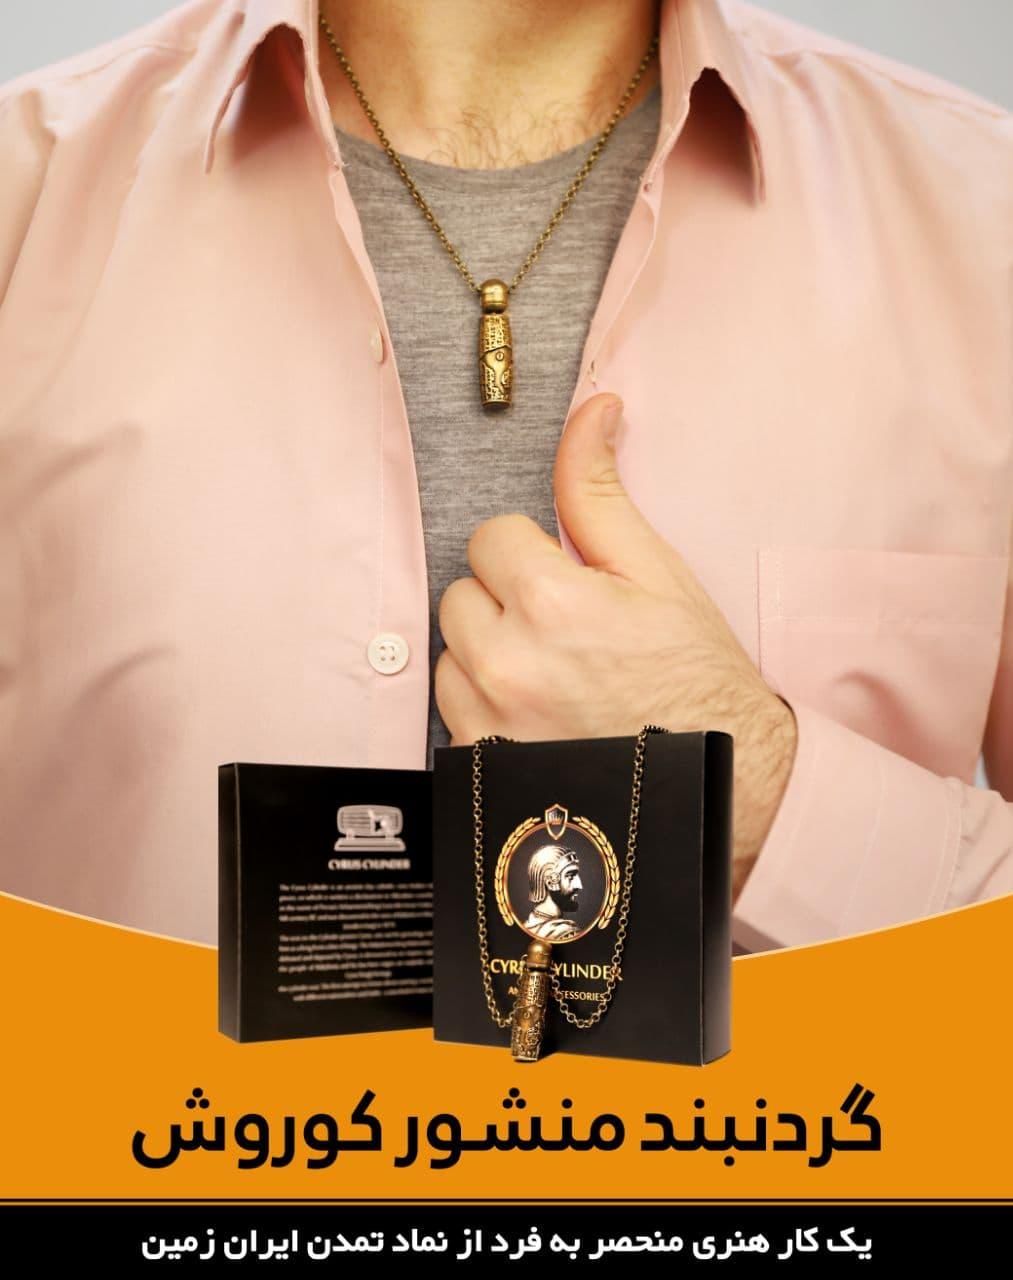 ست دستبند و گردنبند منشور کوروش هخامنشی - فروشگاه اینترنتی زنبیل آنلاین |  خرید اینترنتی ارزان